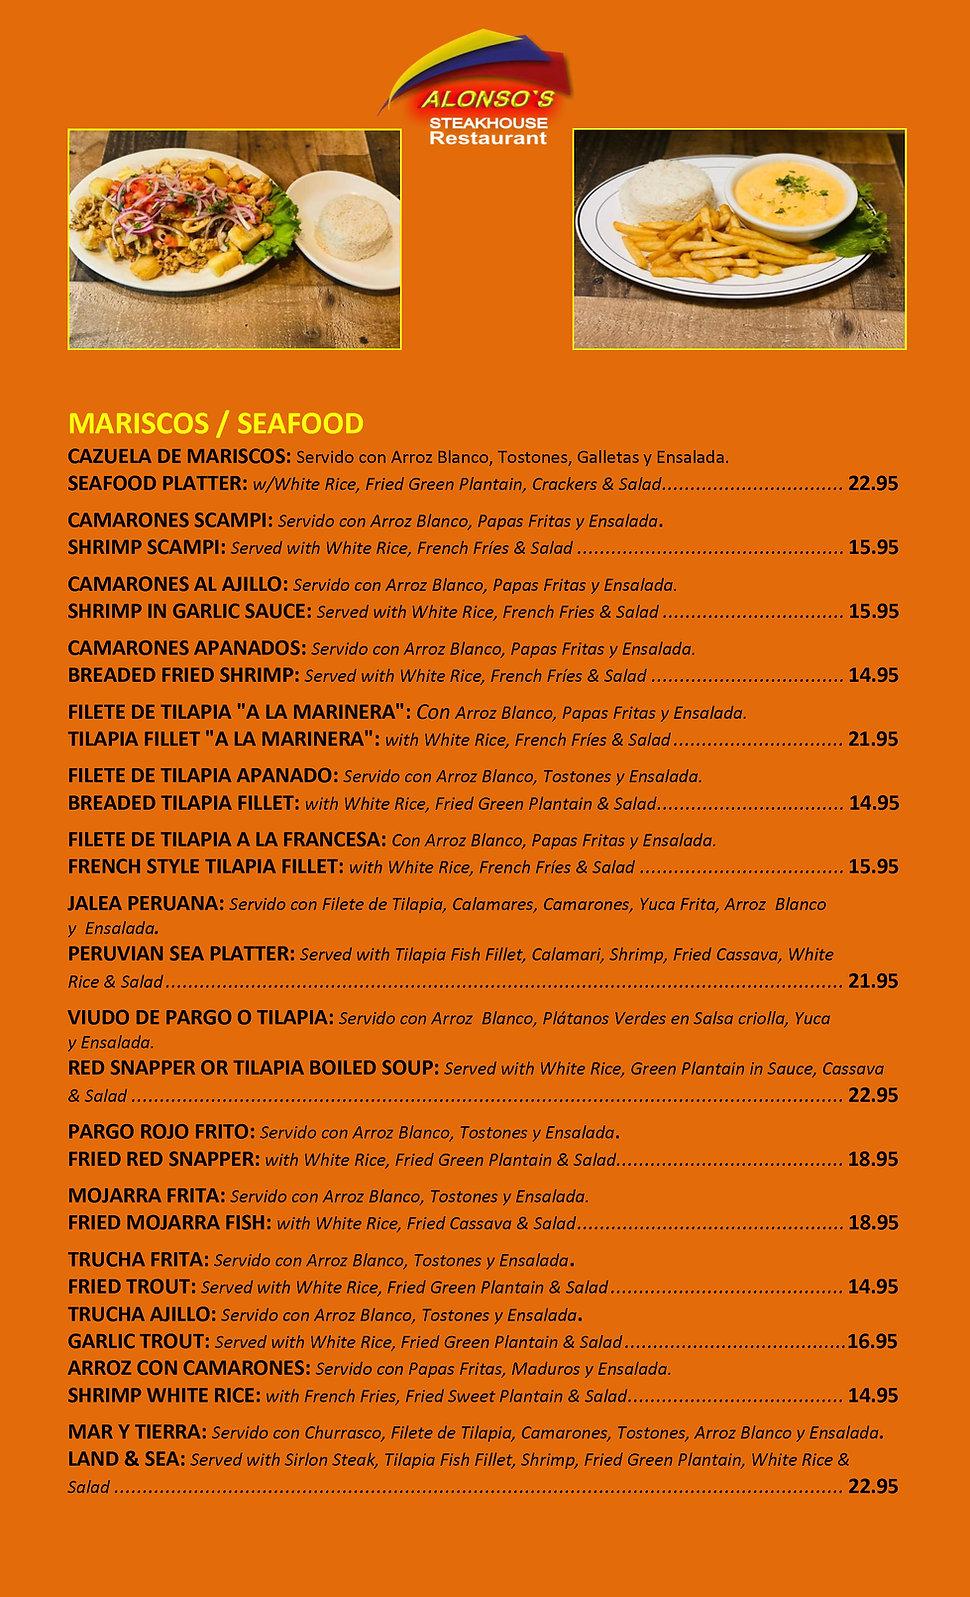 menumariscos2.jpg